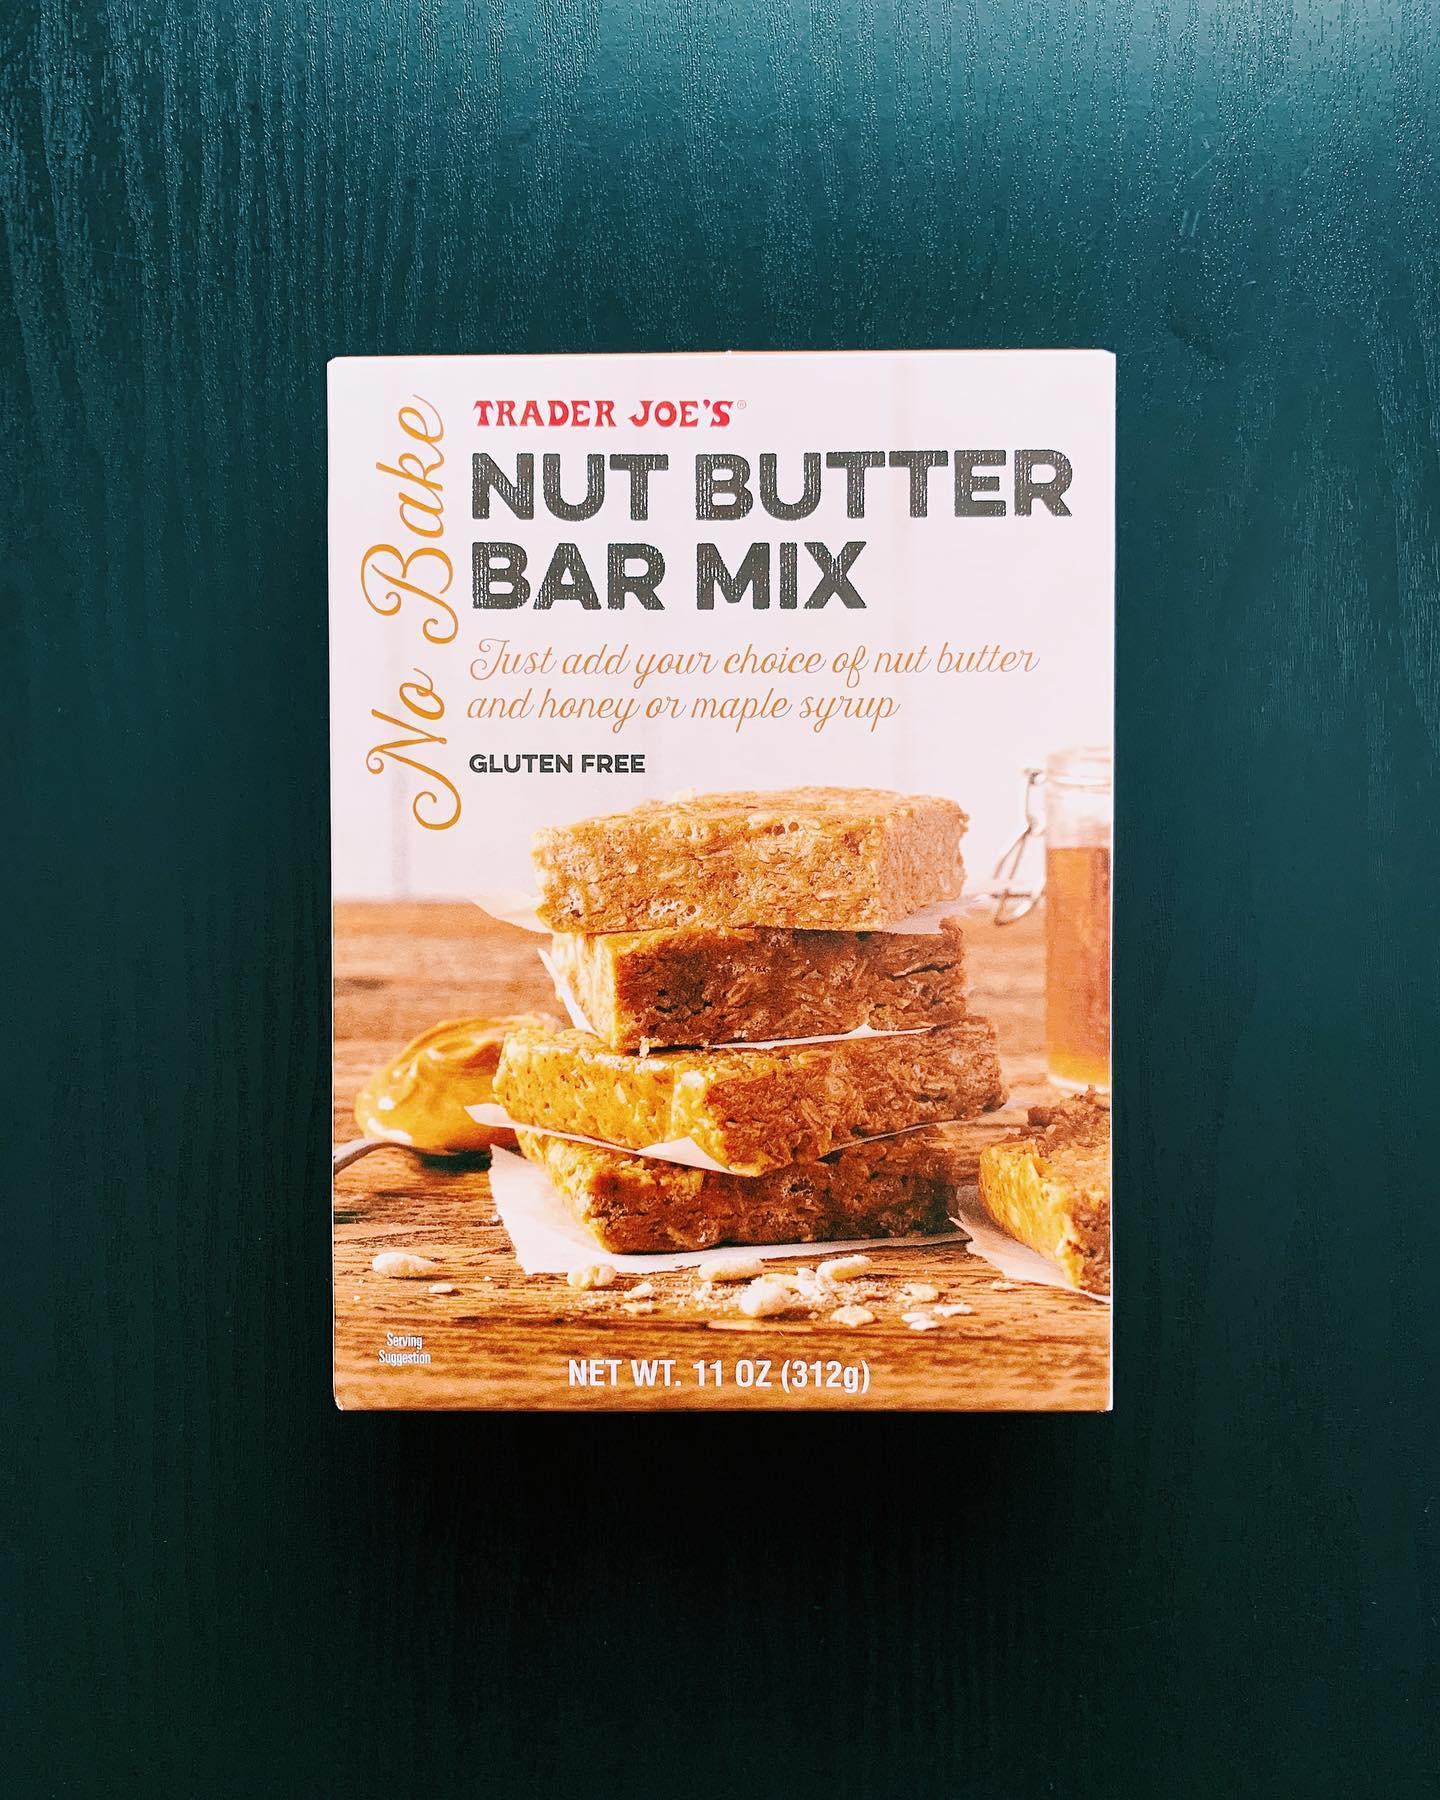 Nut Butter Bar Mix: 7.5/10